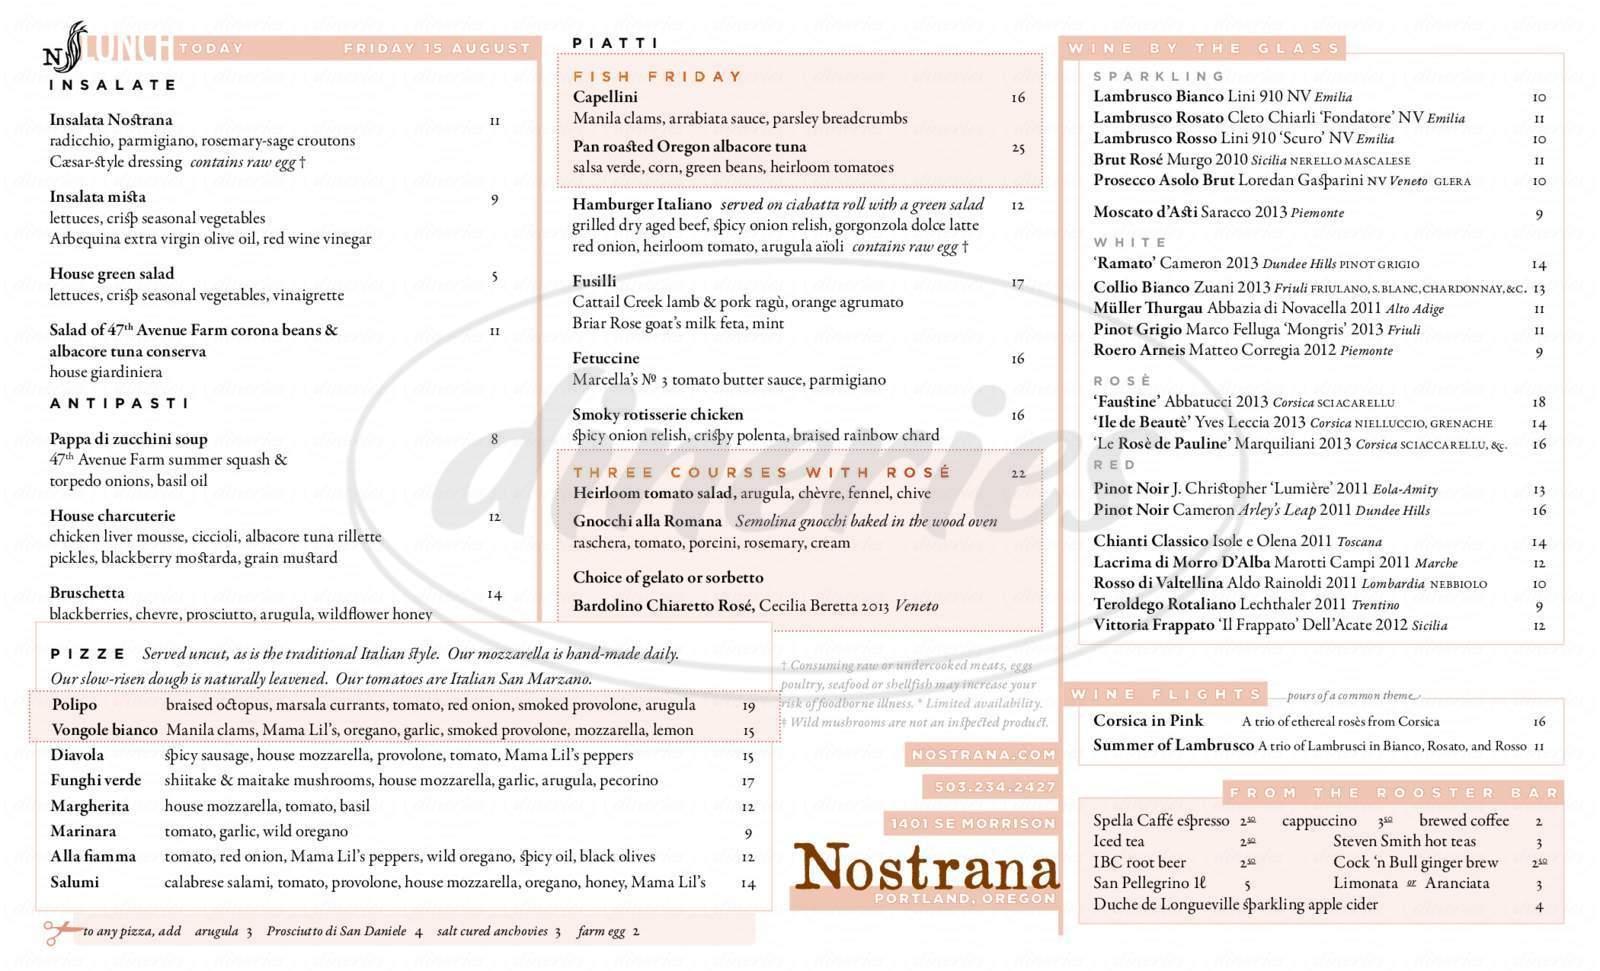 menu for Nostrana